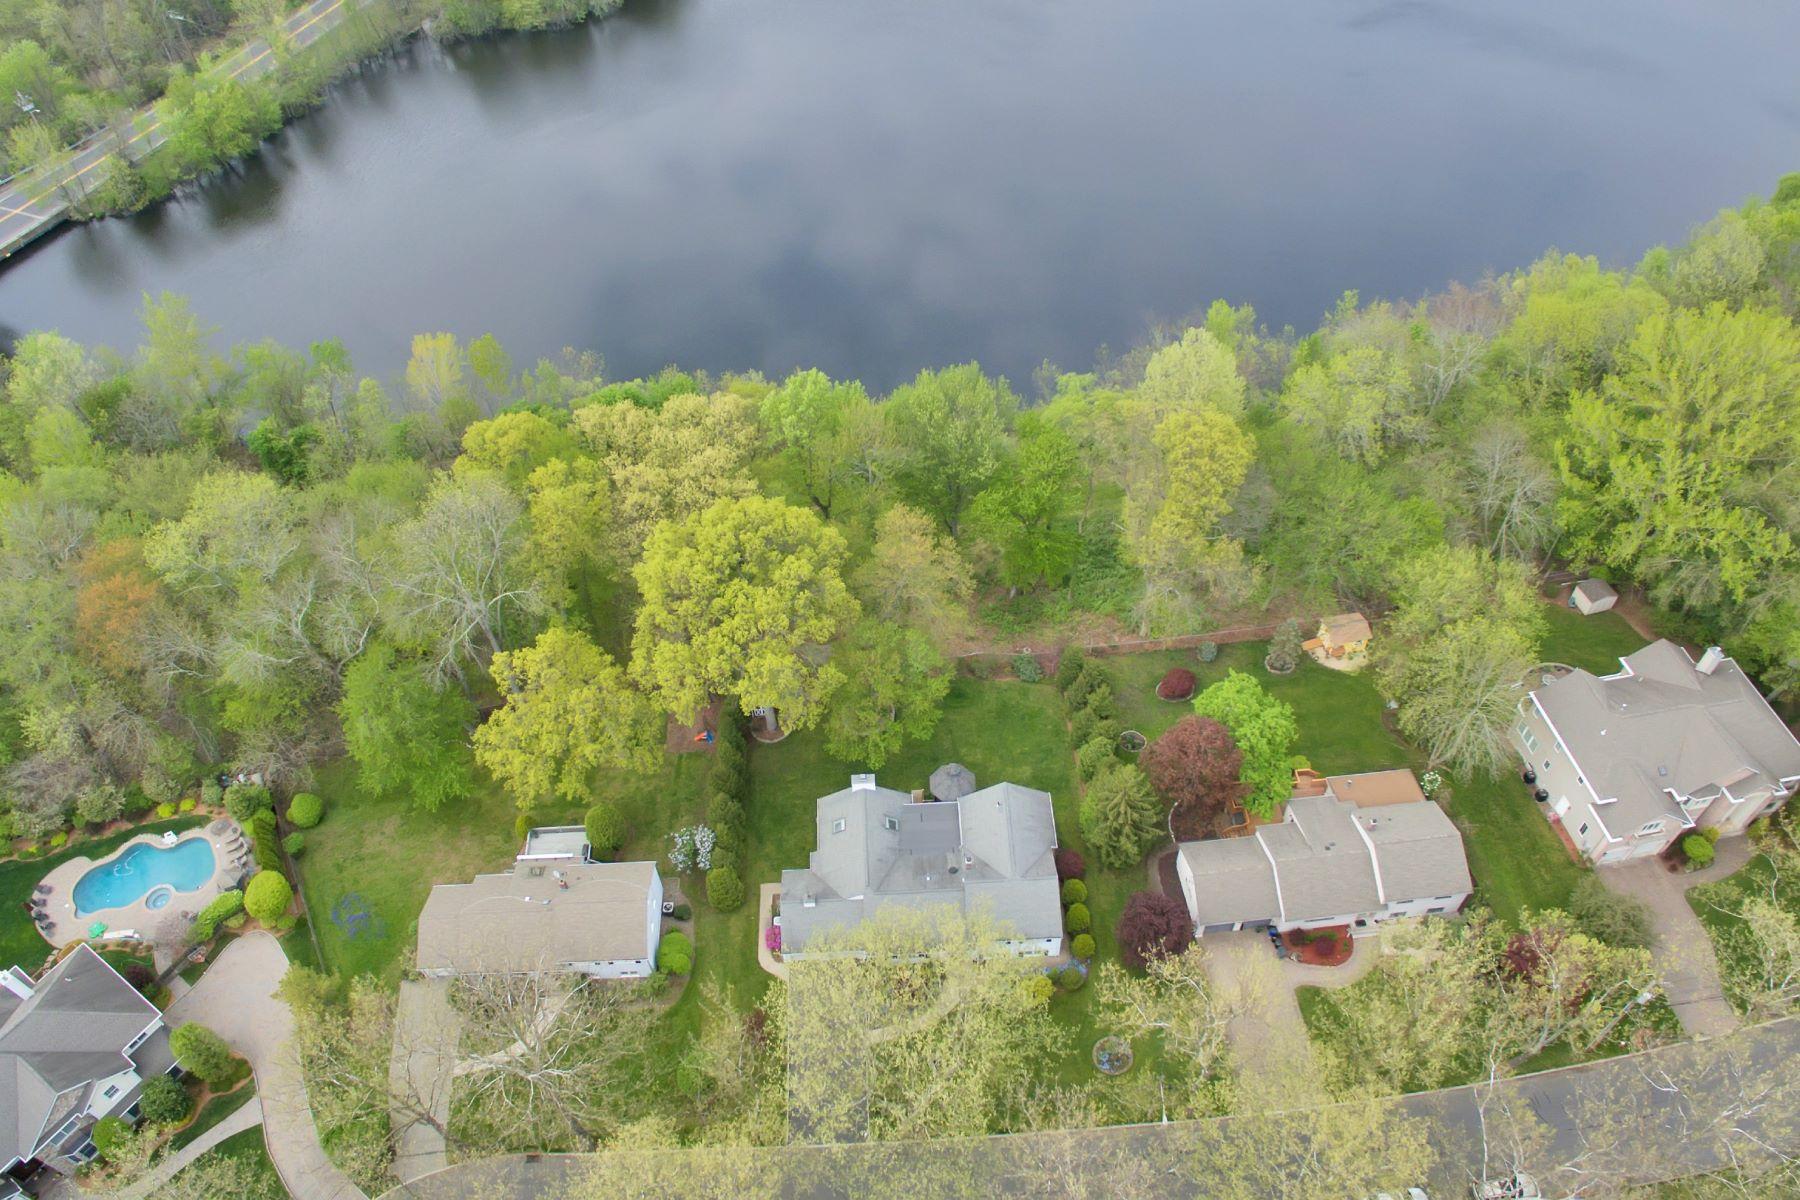 Частный односемейный дом для того Продажа на Breathtaking Water Views 58 Cedar Ct, Closter, Нью-Джерси 07624 Соединенные Штаты